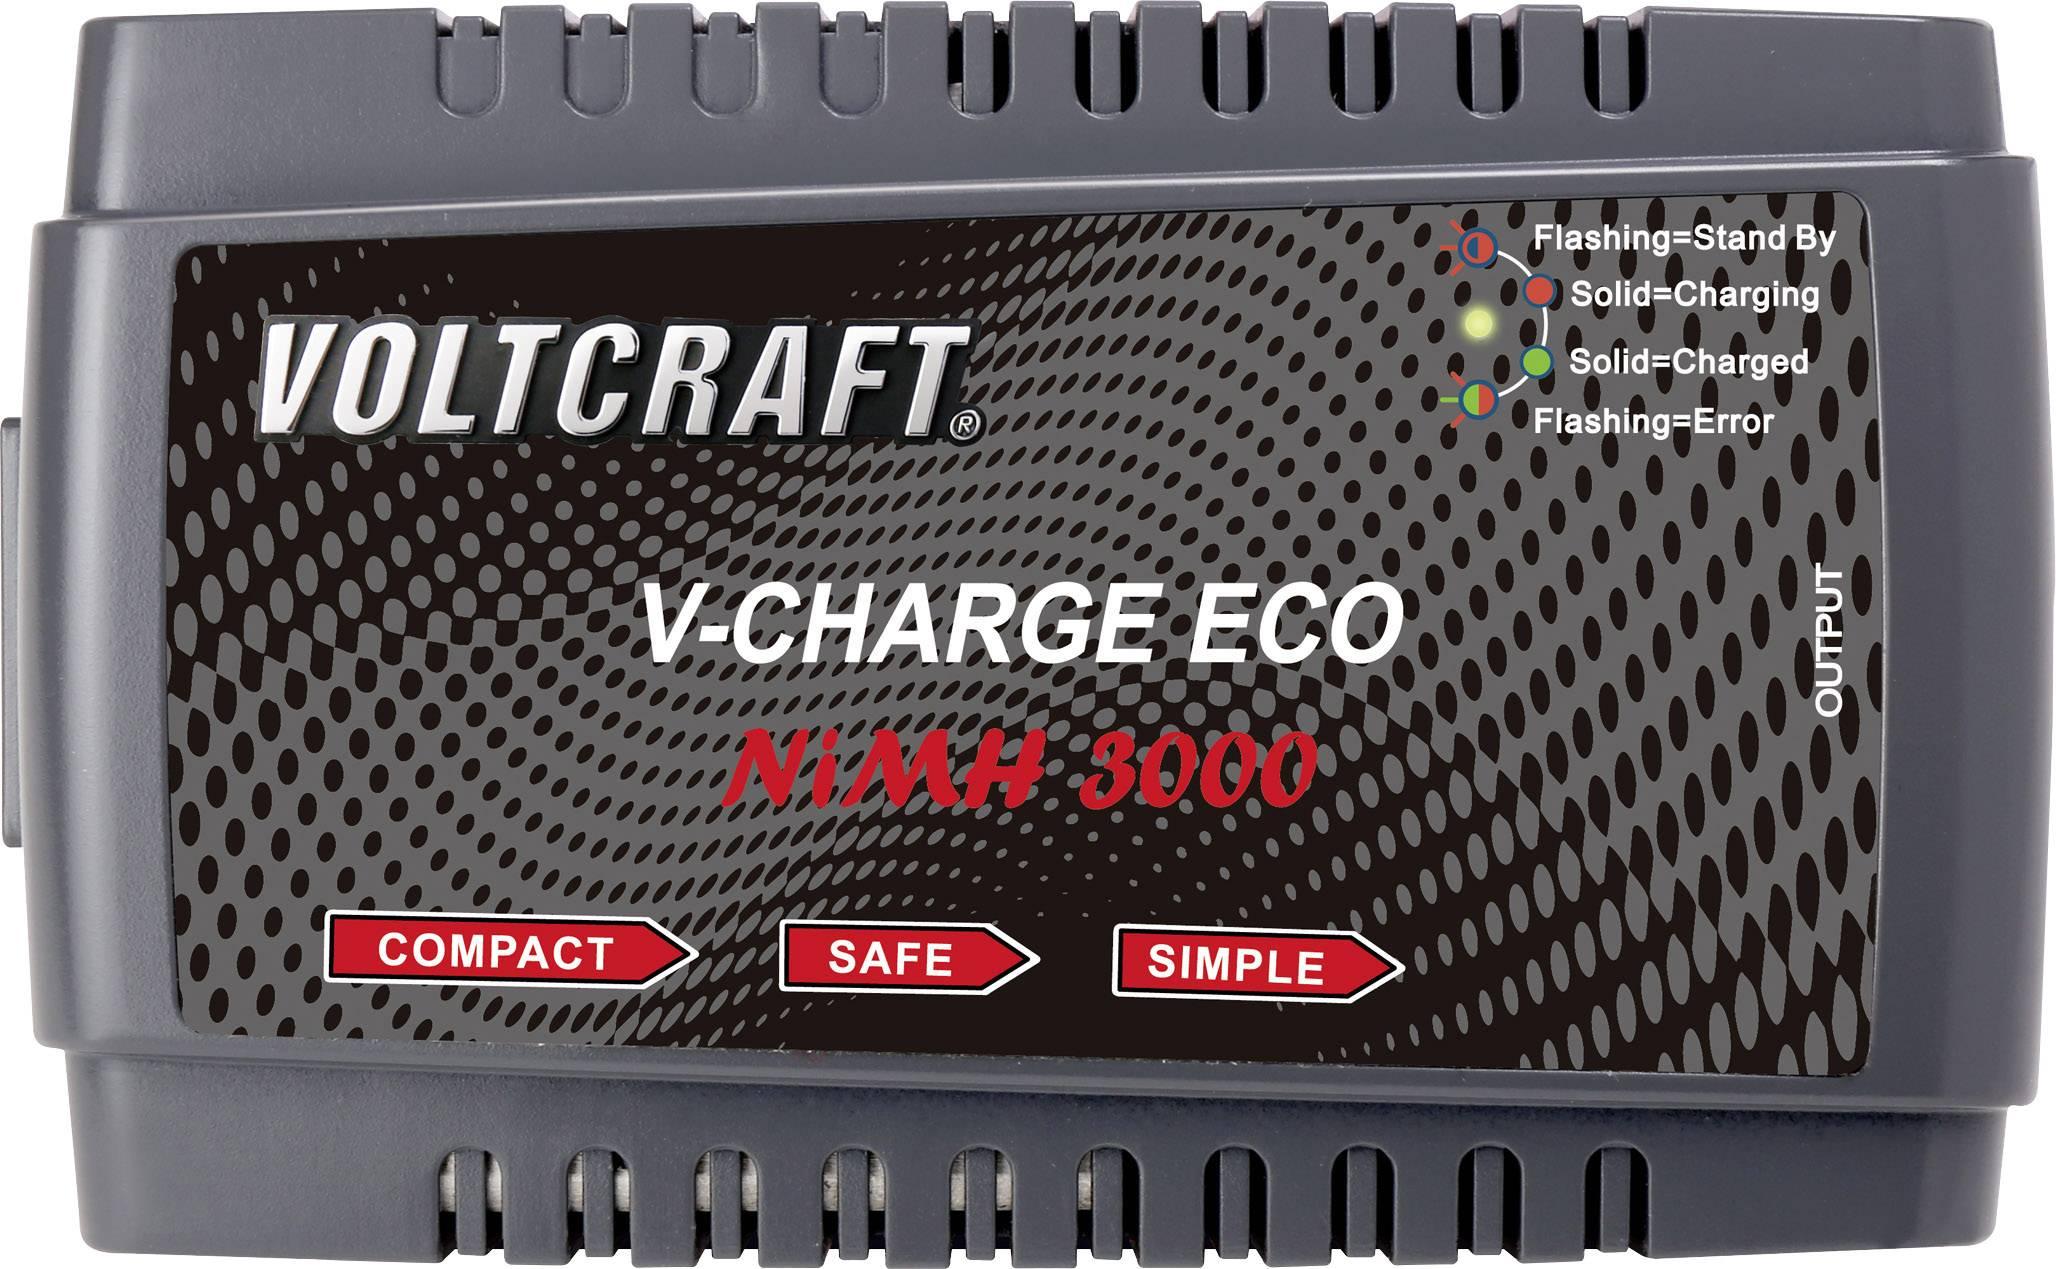 Modelářská nabíječka VOLTCRAFT V-Charge Eco NiMh 3000 1413030, 230 V, 3 A